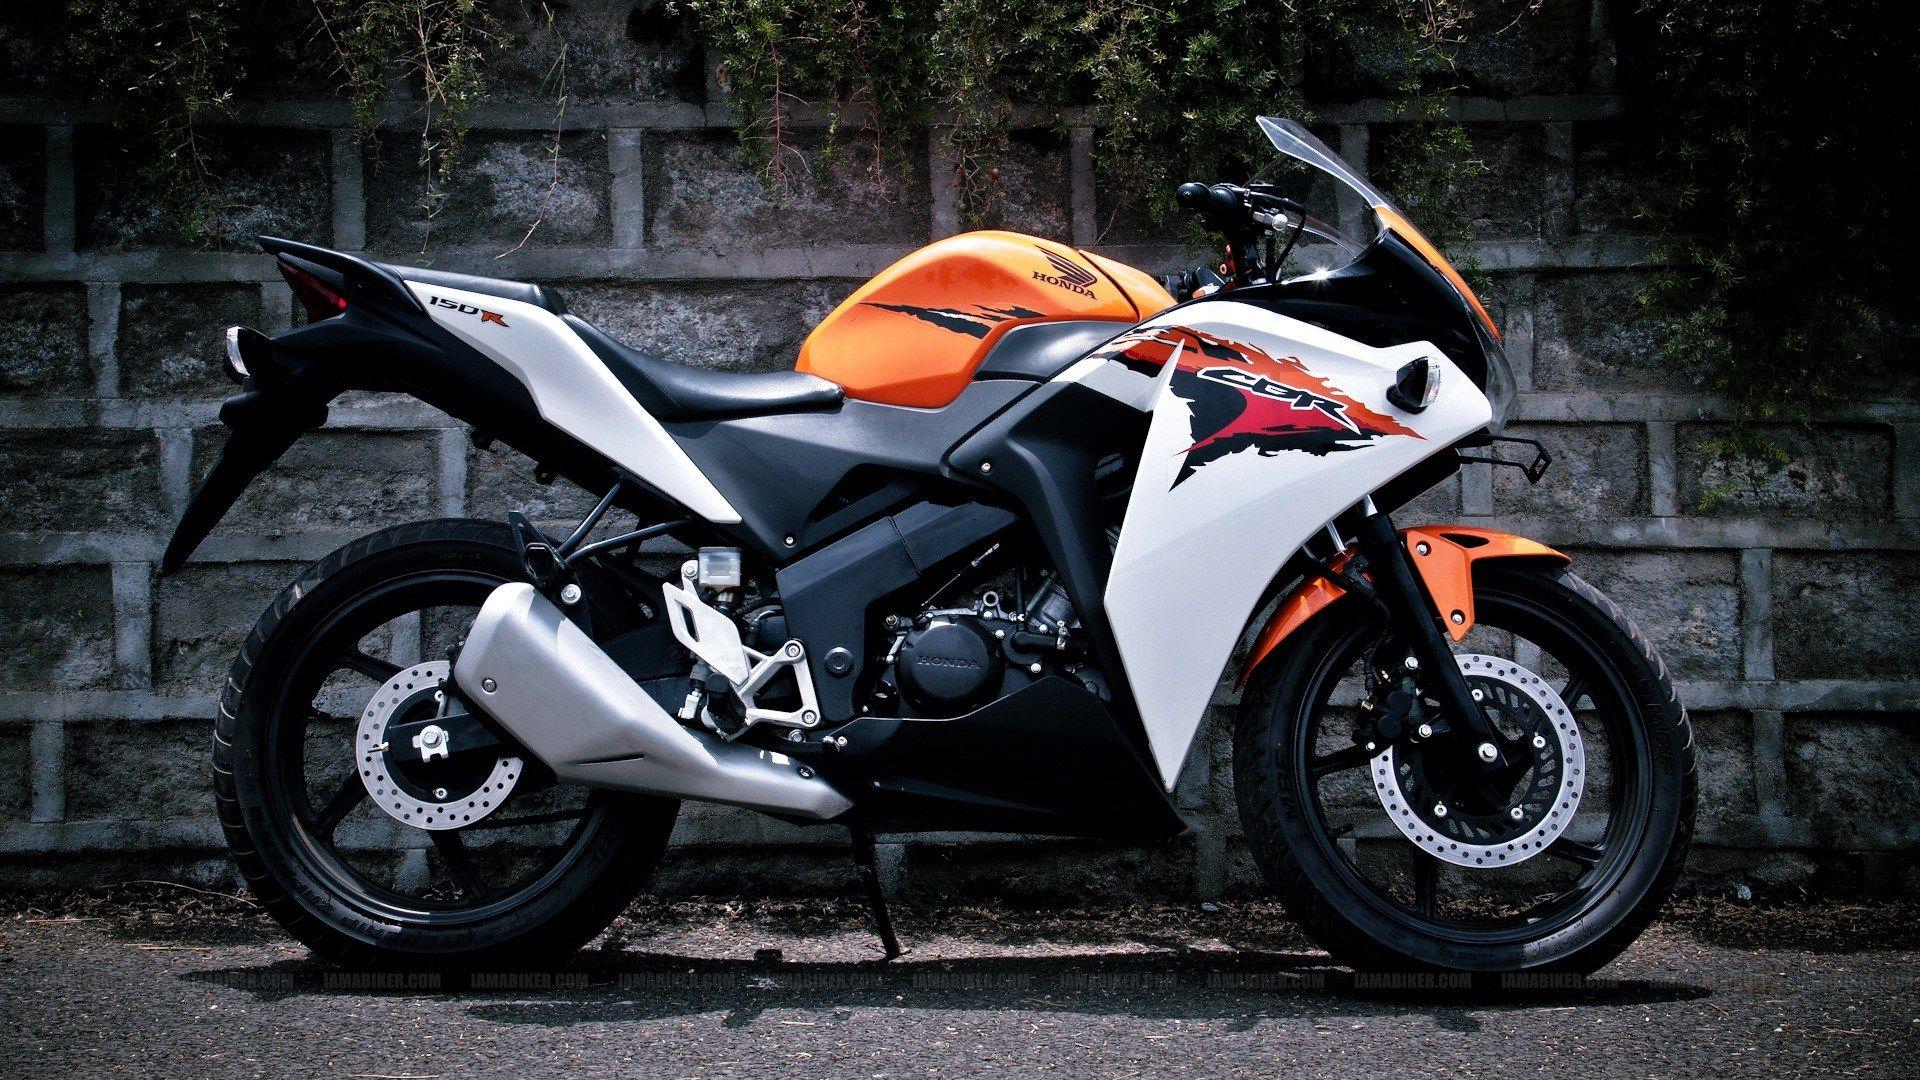 Honda Cbr Motorcycle 4k Hd Desktop Wallpaper For 4k Ultra: Honda CBR 150R HD Wallpapers